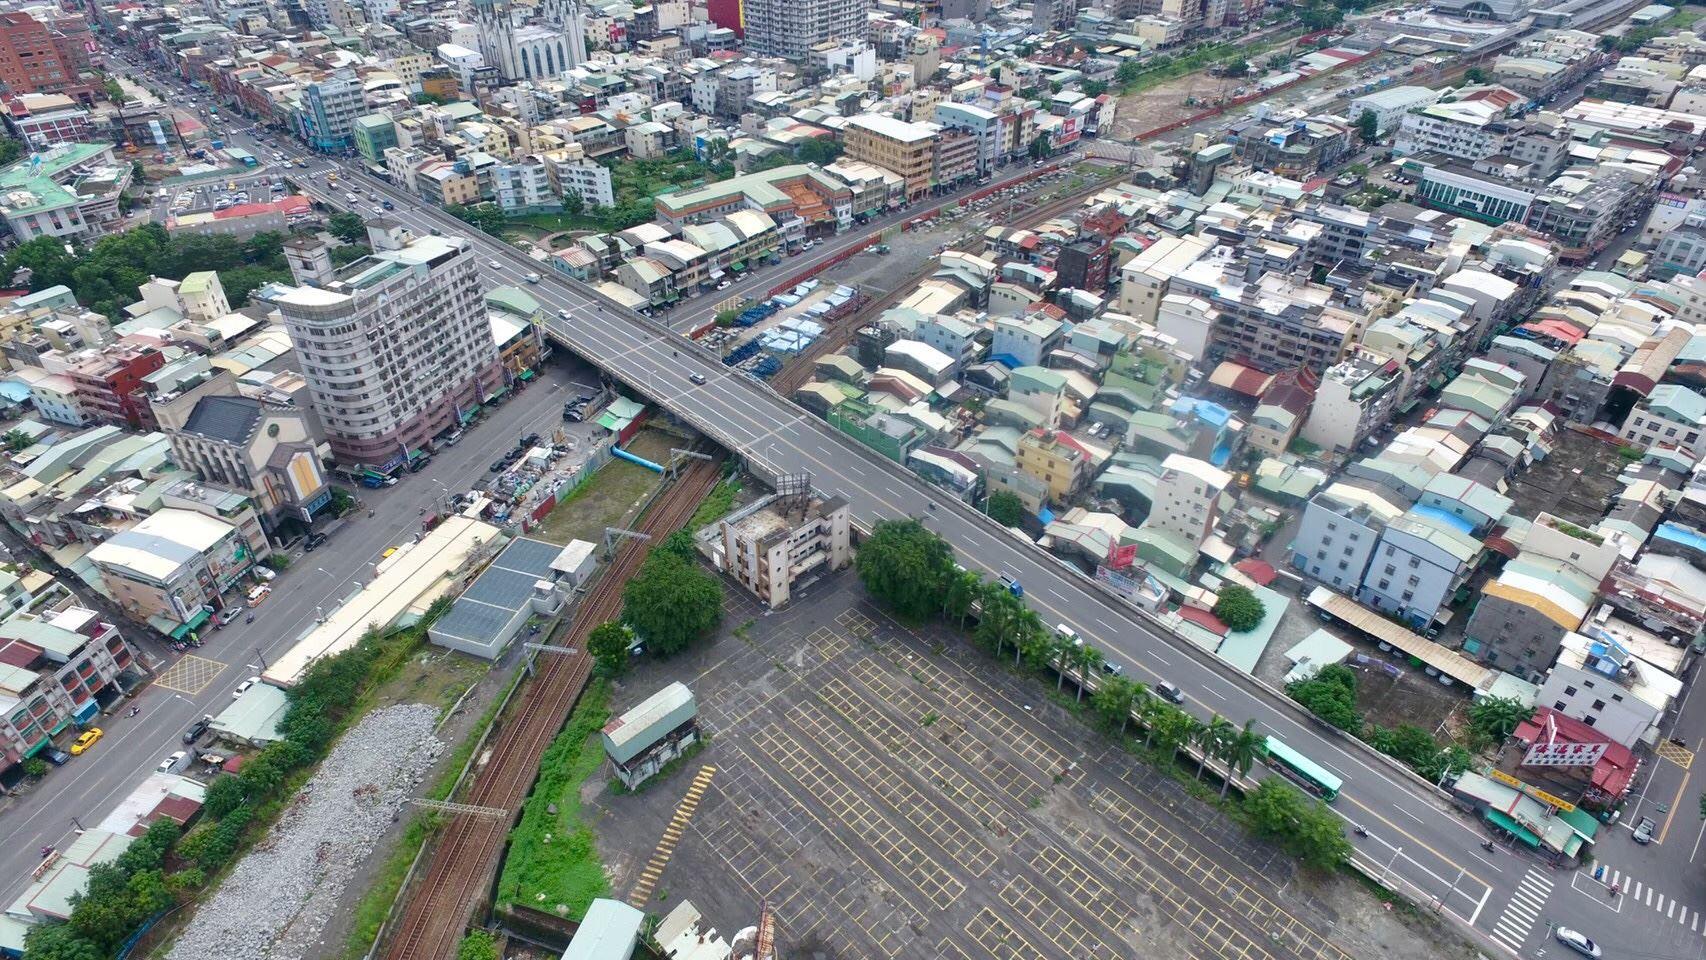 維新陸橋空拍照1.jpg